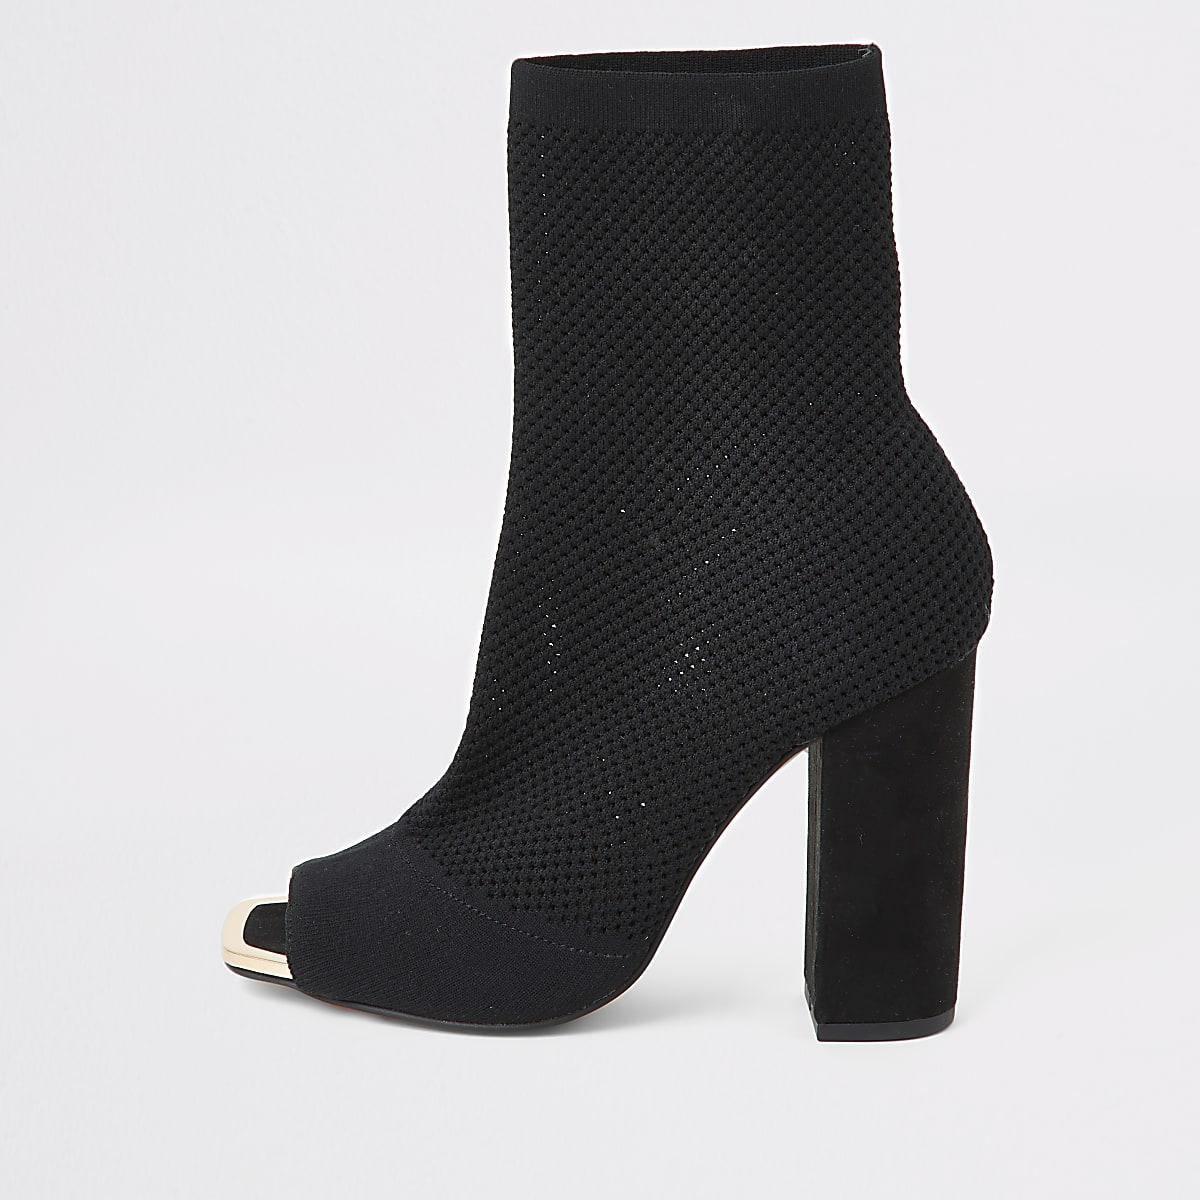 Bottes chaussettes noires en maille peep toe, coupe large